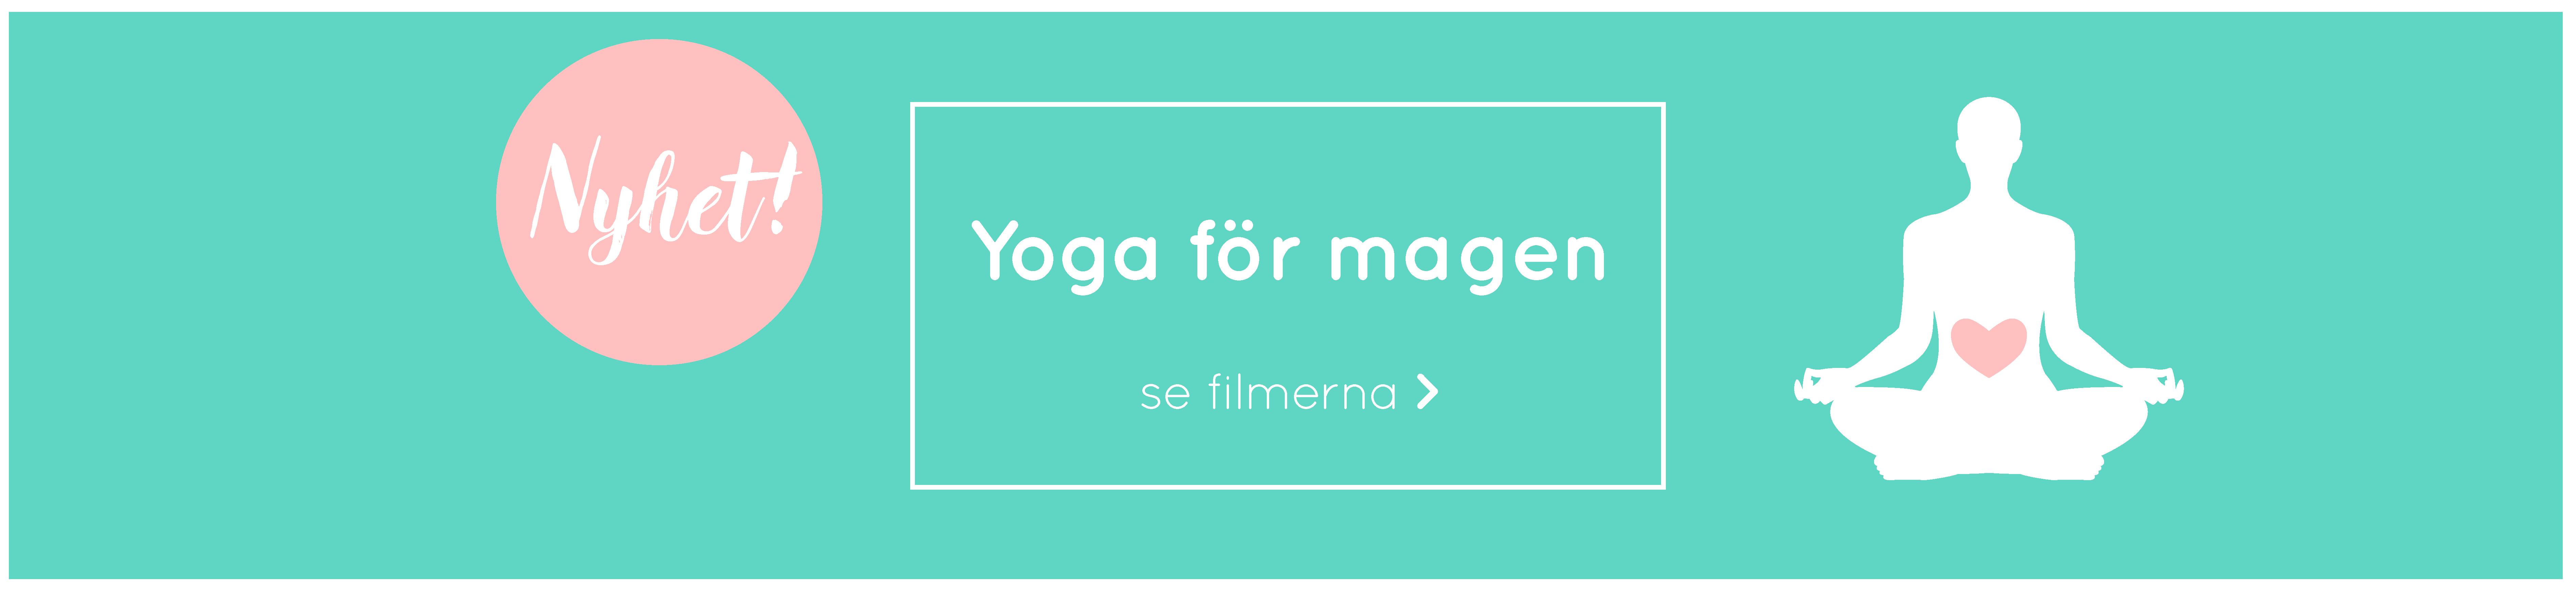 Yoga för magen